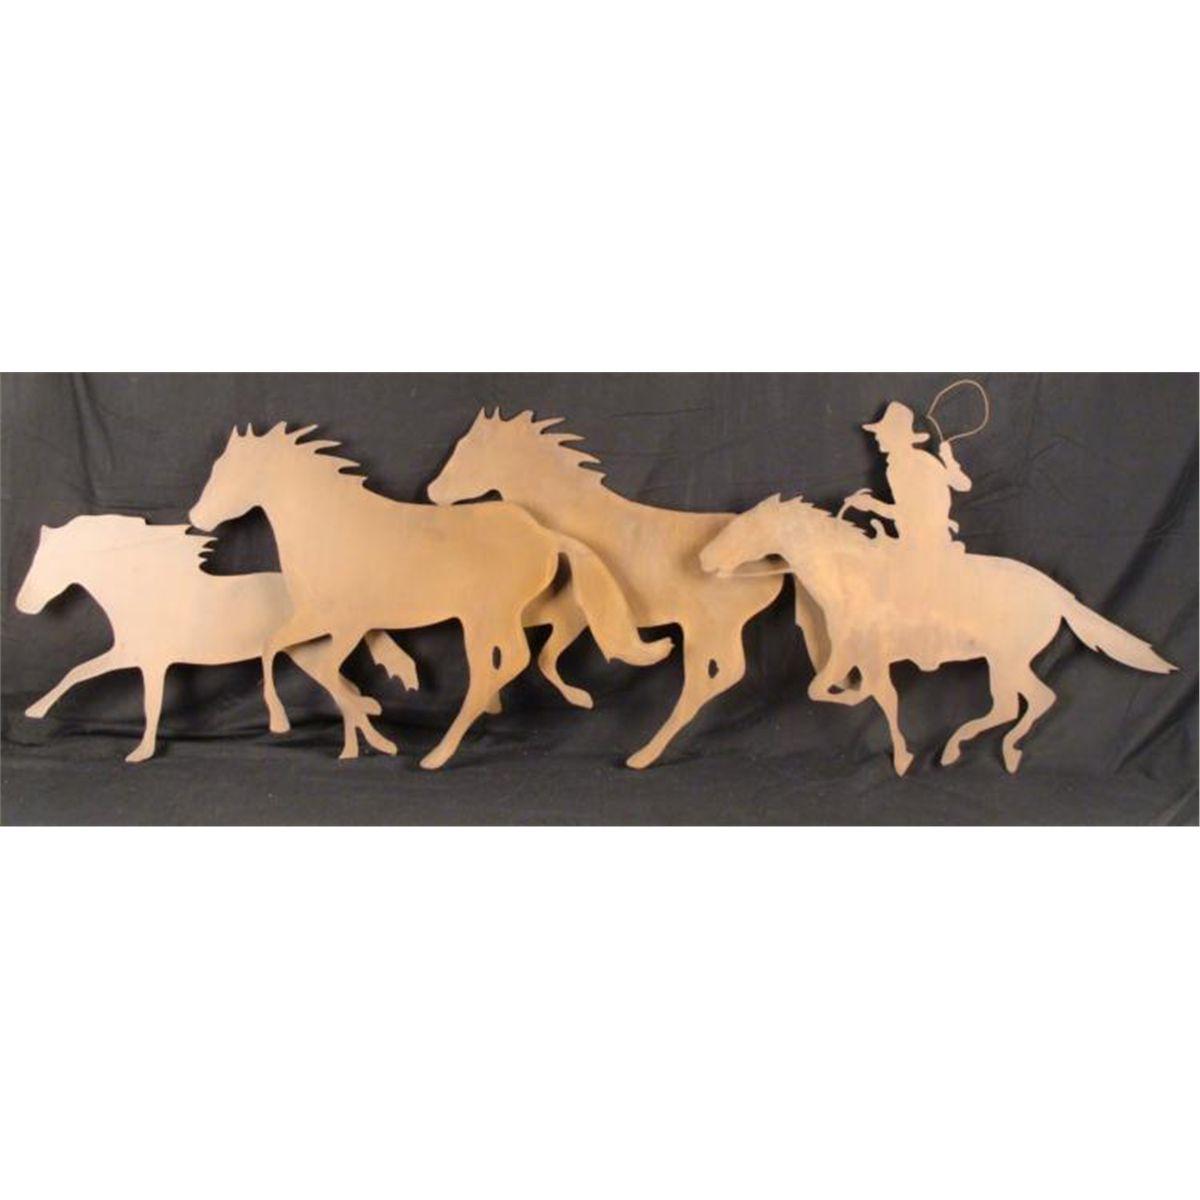 Large Cowboy Horses Metal Wall Art Sculpture